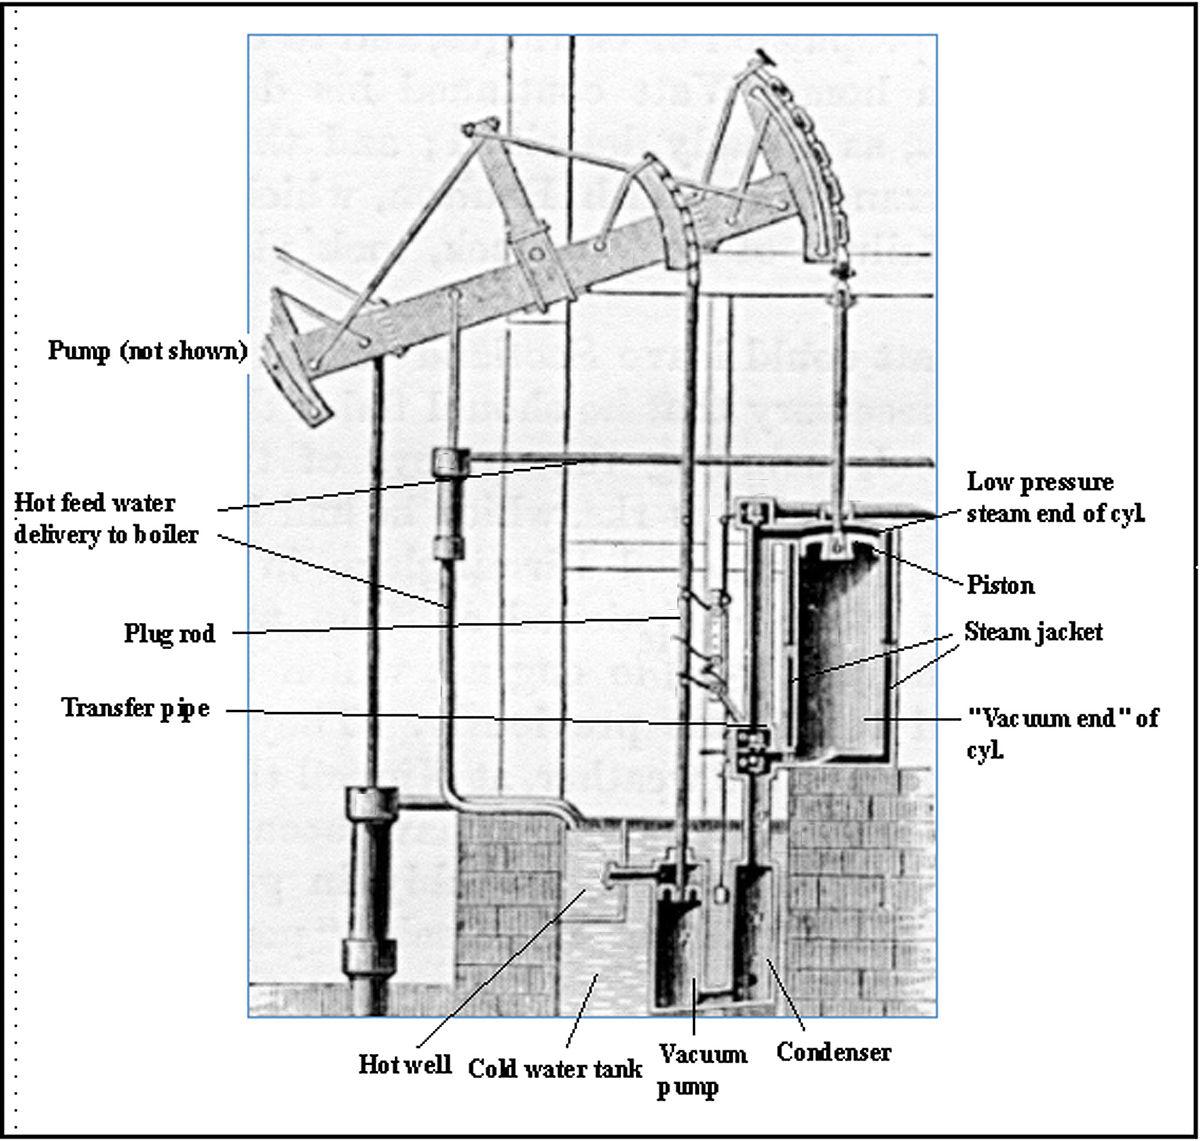 macchina a vapore di james watt